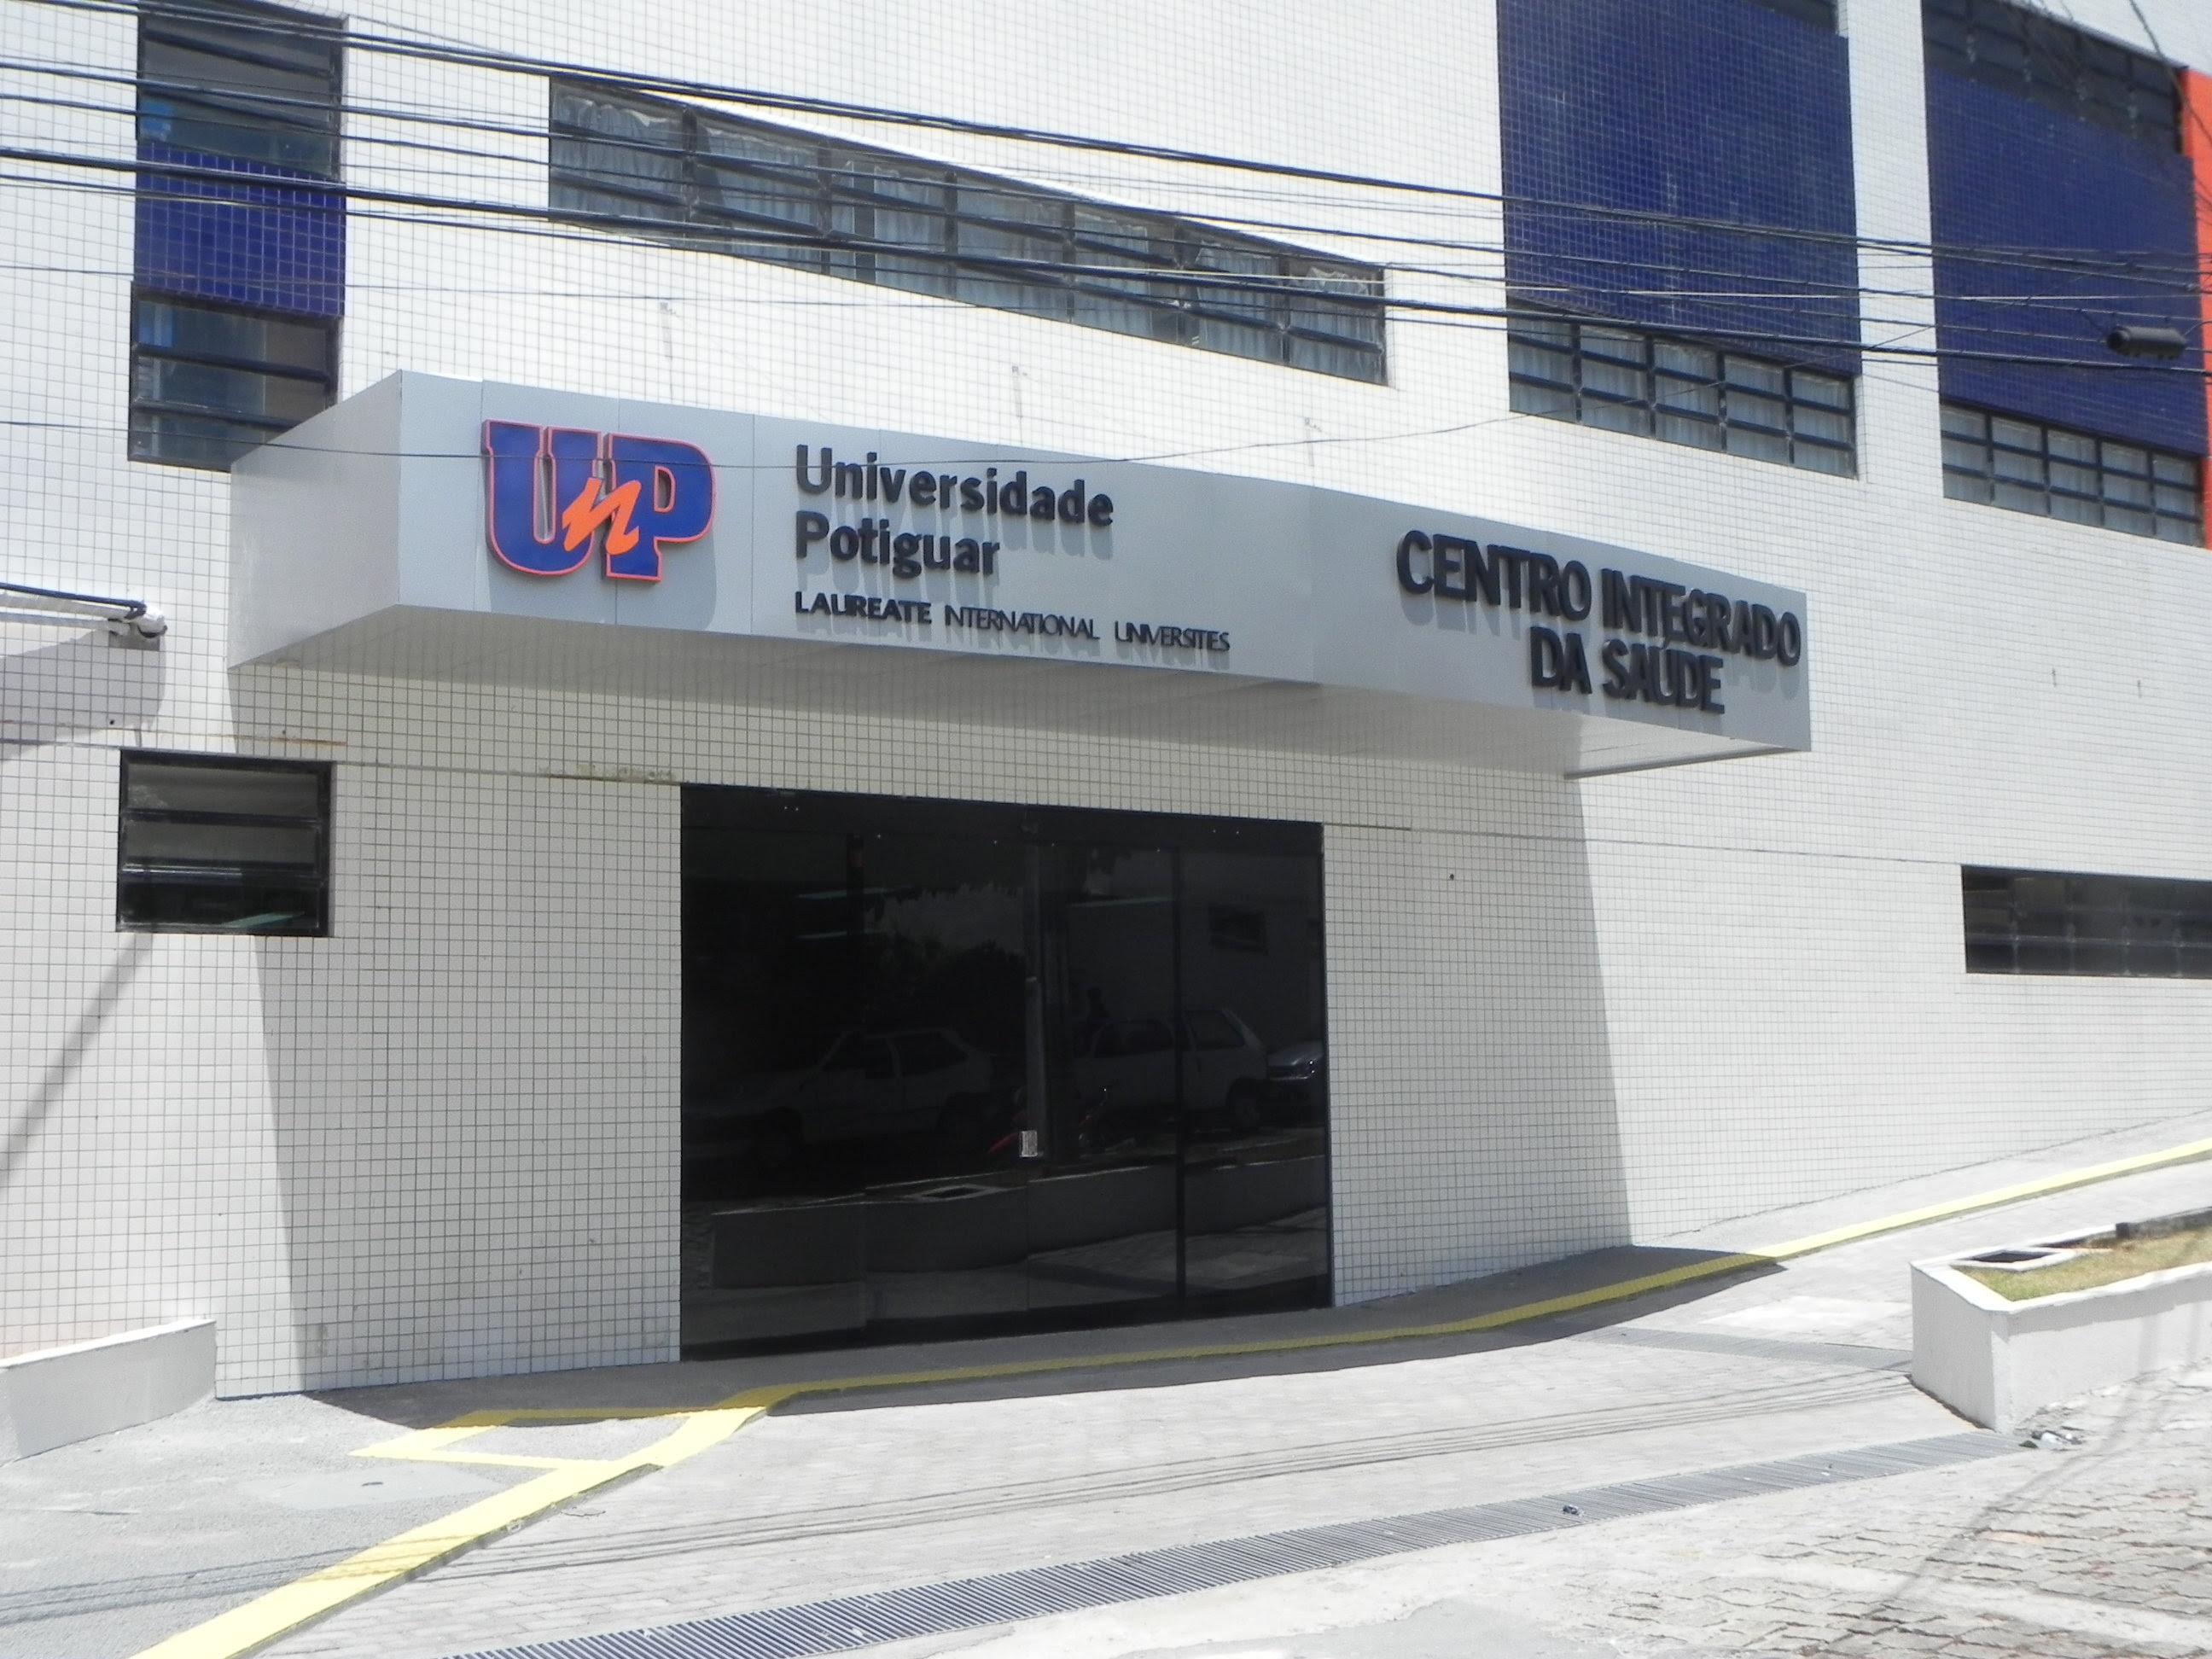 Pessoas com obesidade terão atendimento gratuito em Centro de Saúde da UnP